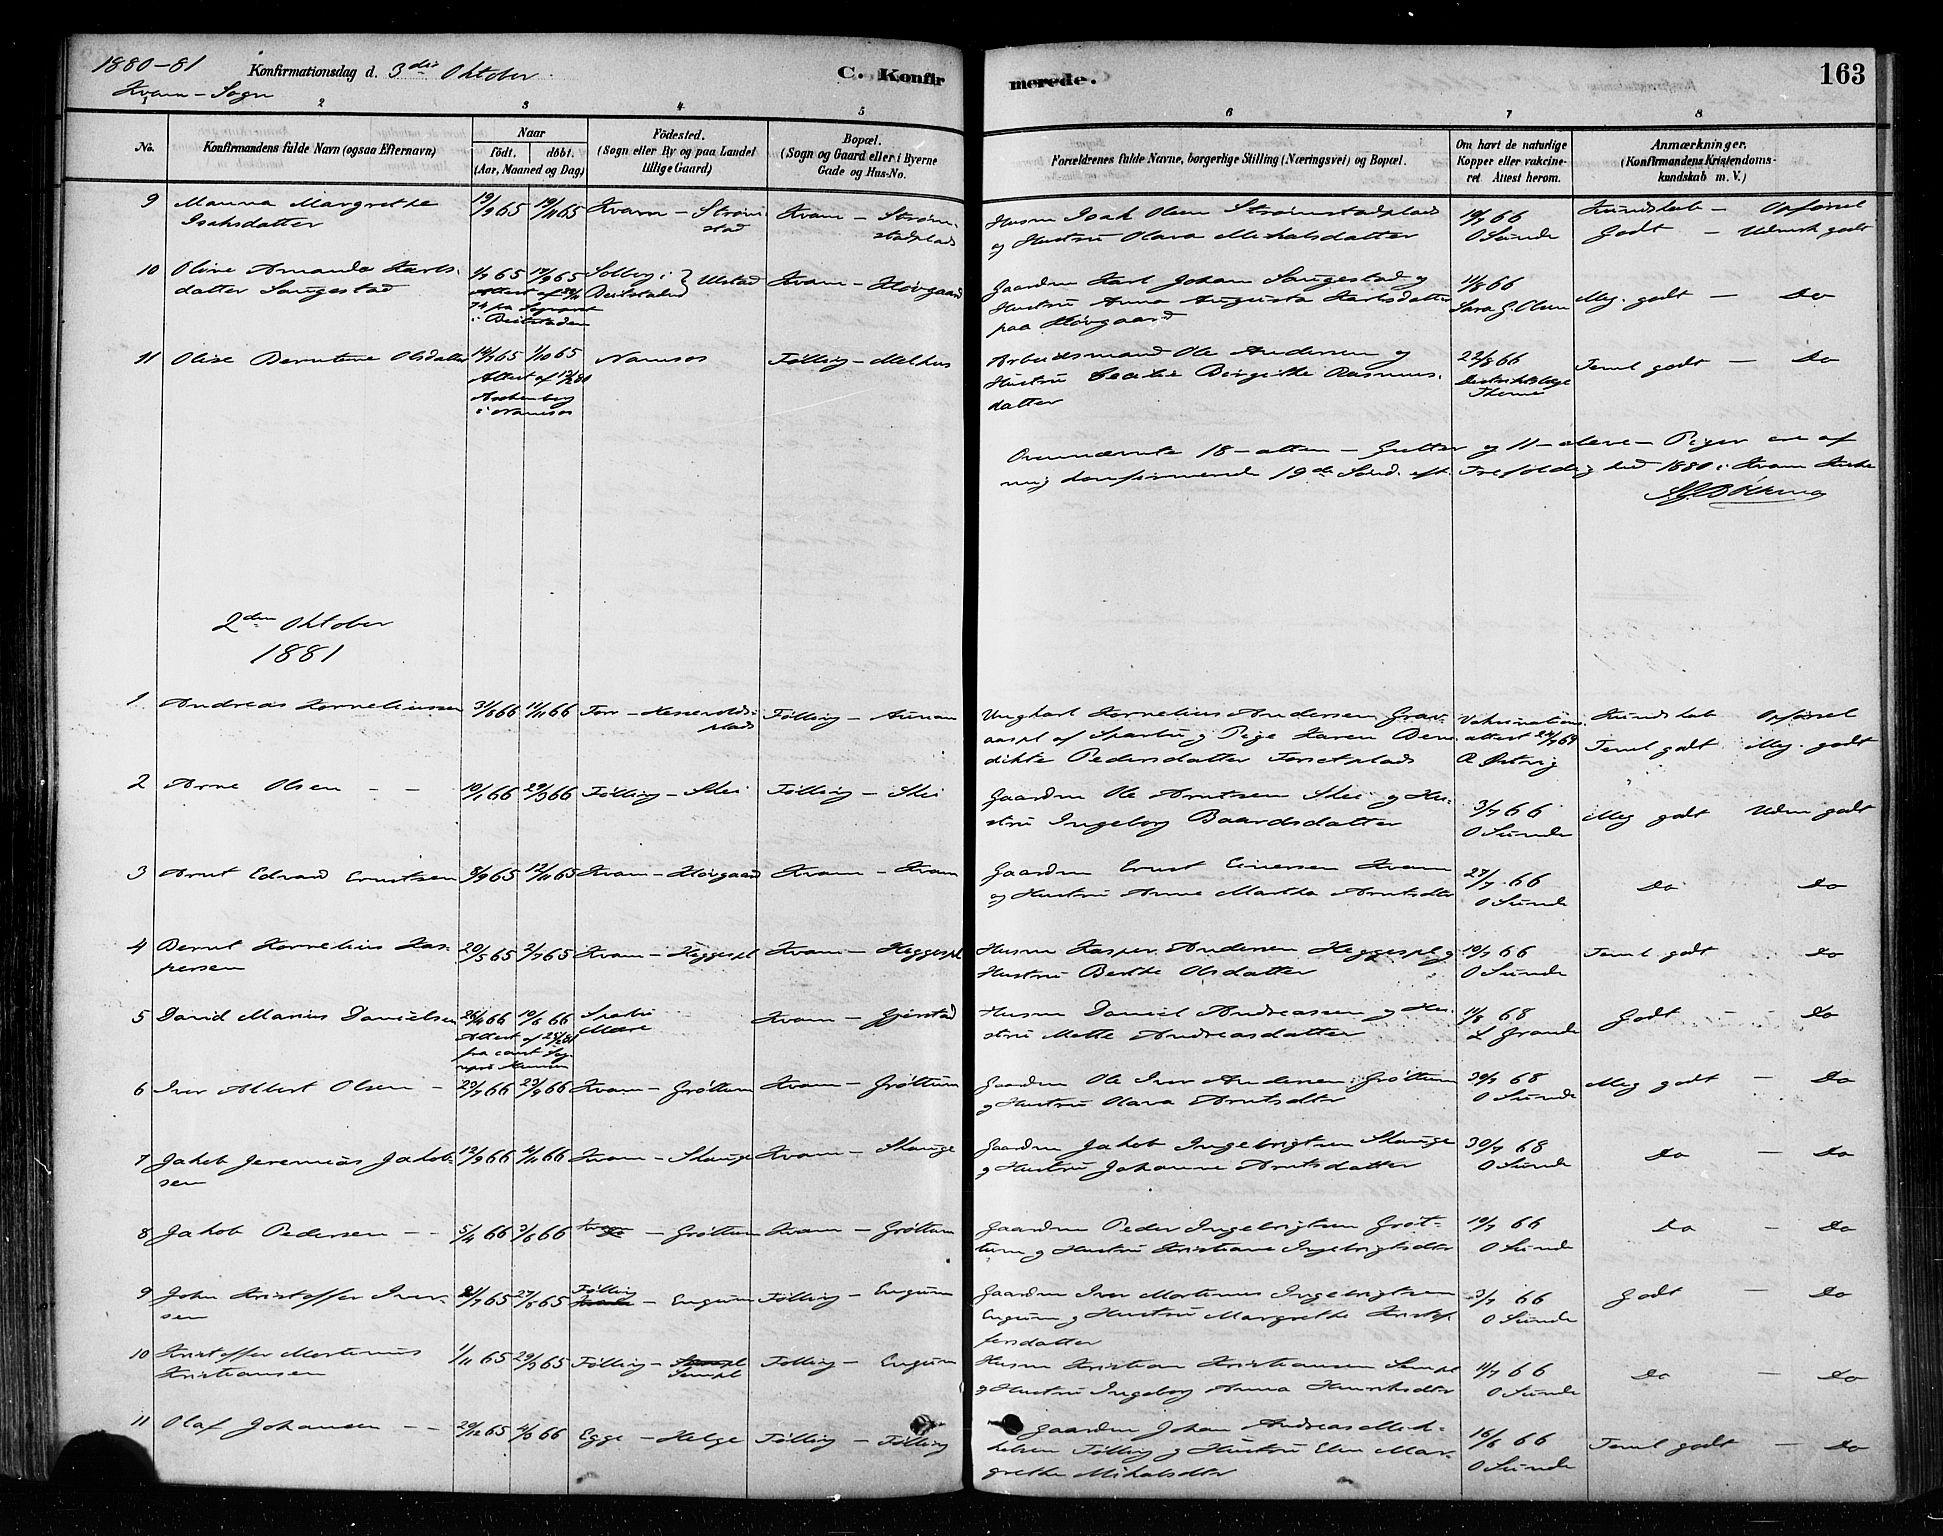 SAT, Ministerialprotokoller, klokkerbøker og fødselsregistre - Nord-Trøndelag, 746/L0449: Ministerialbok nr. 746A07 /2, 1878-1899, s. 163